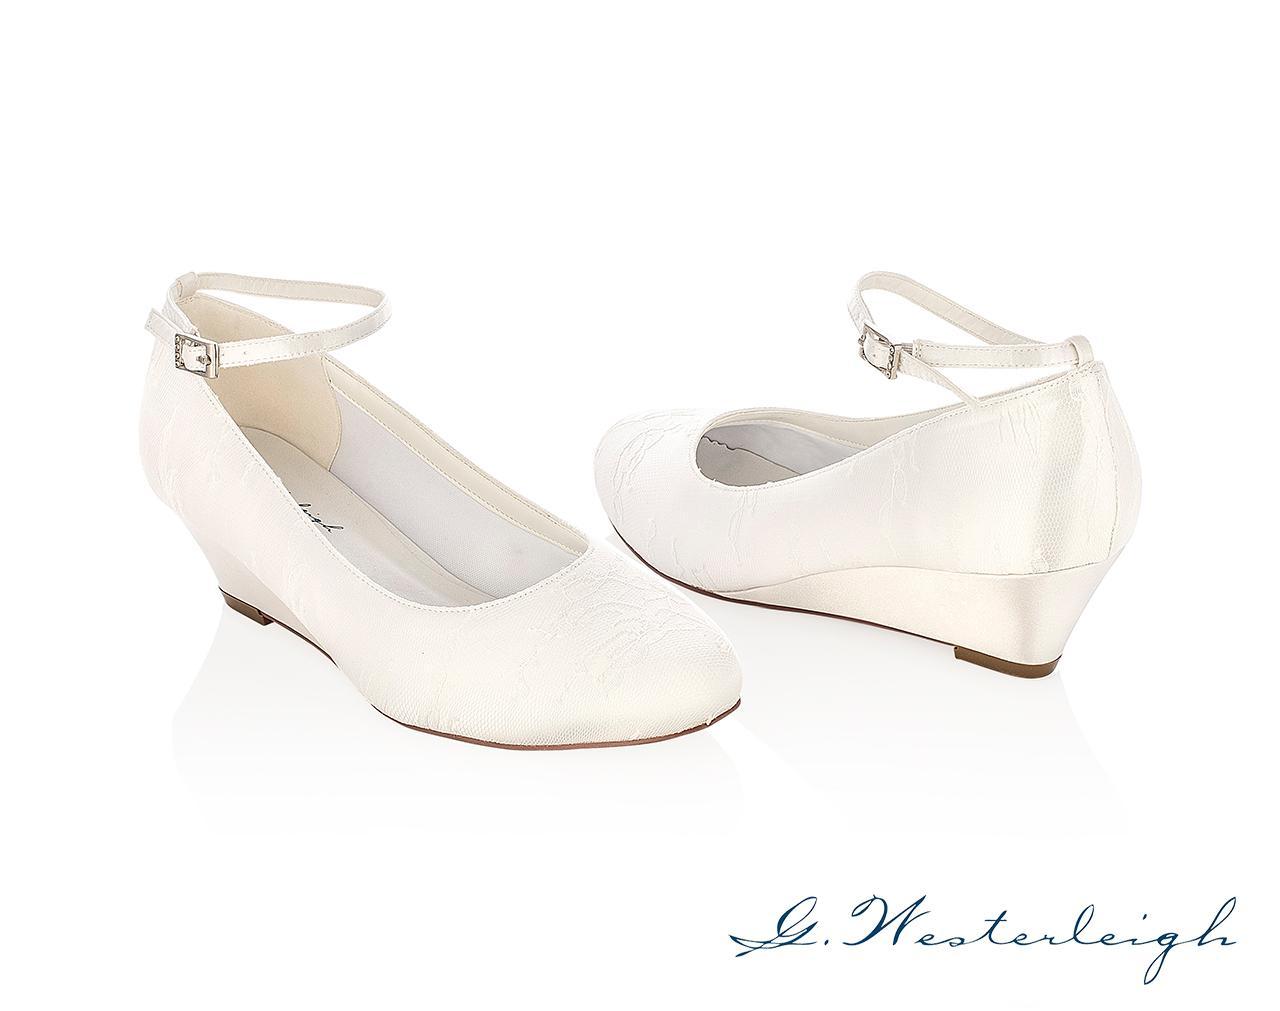 Svadobné topánky Iris - Obrázok č. 1